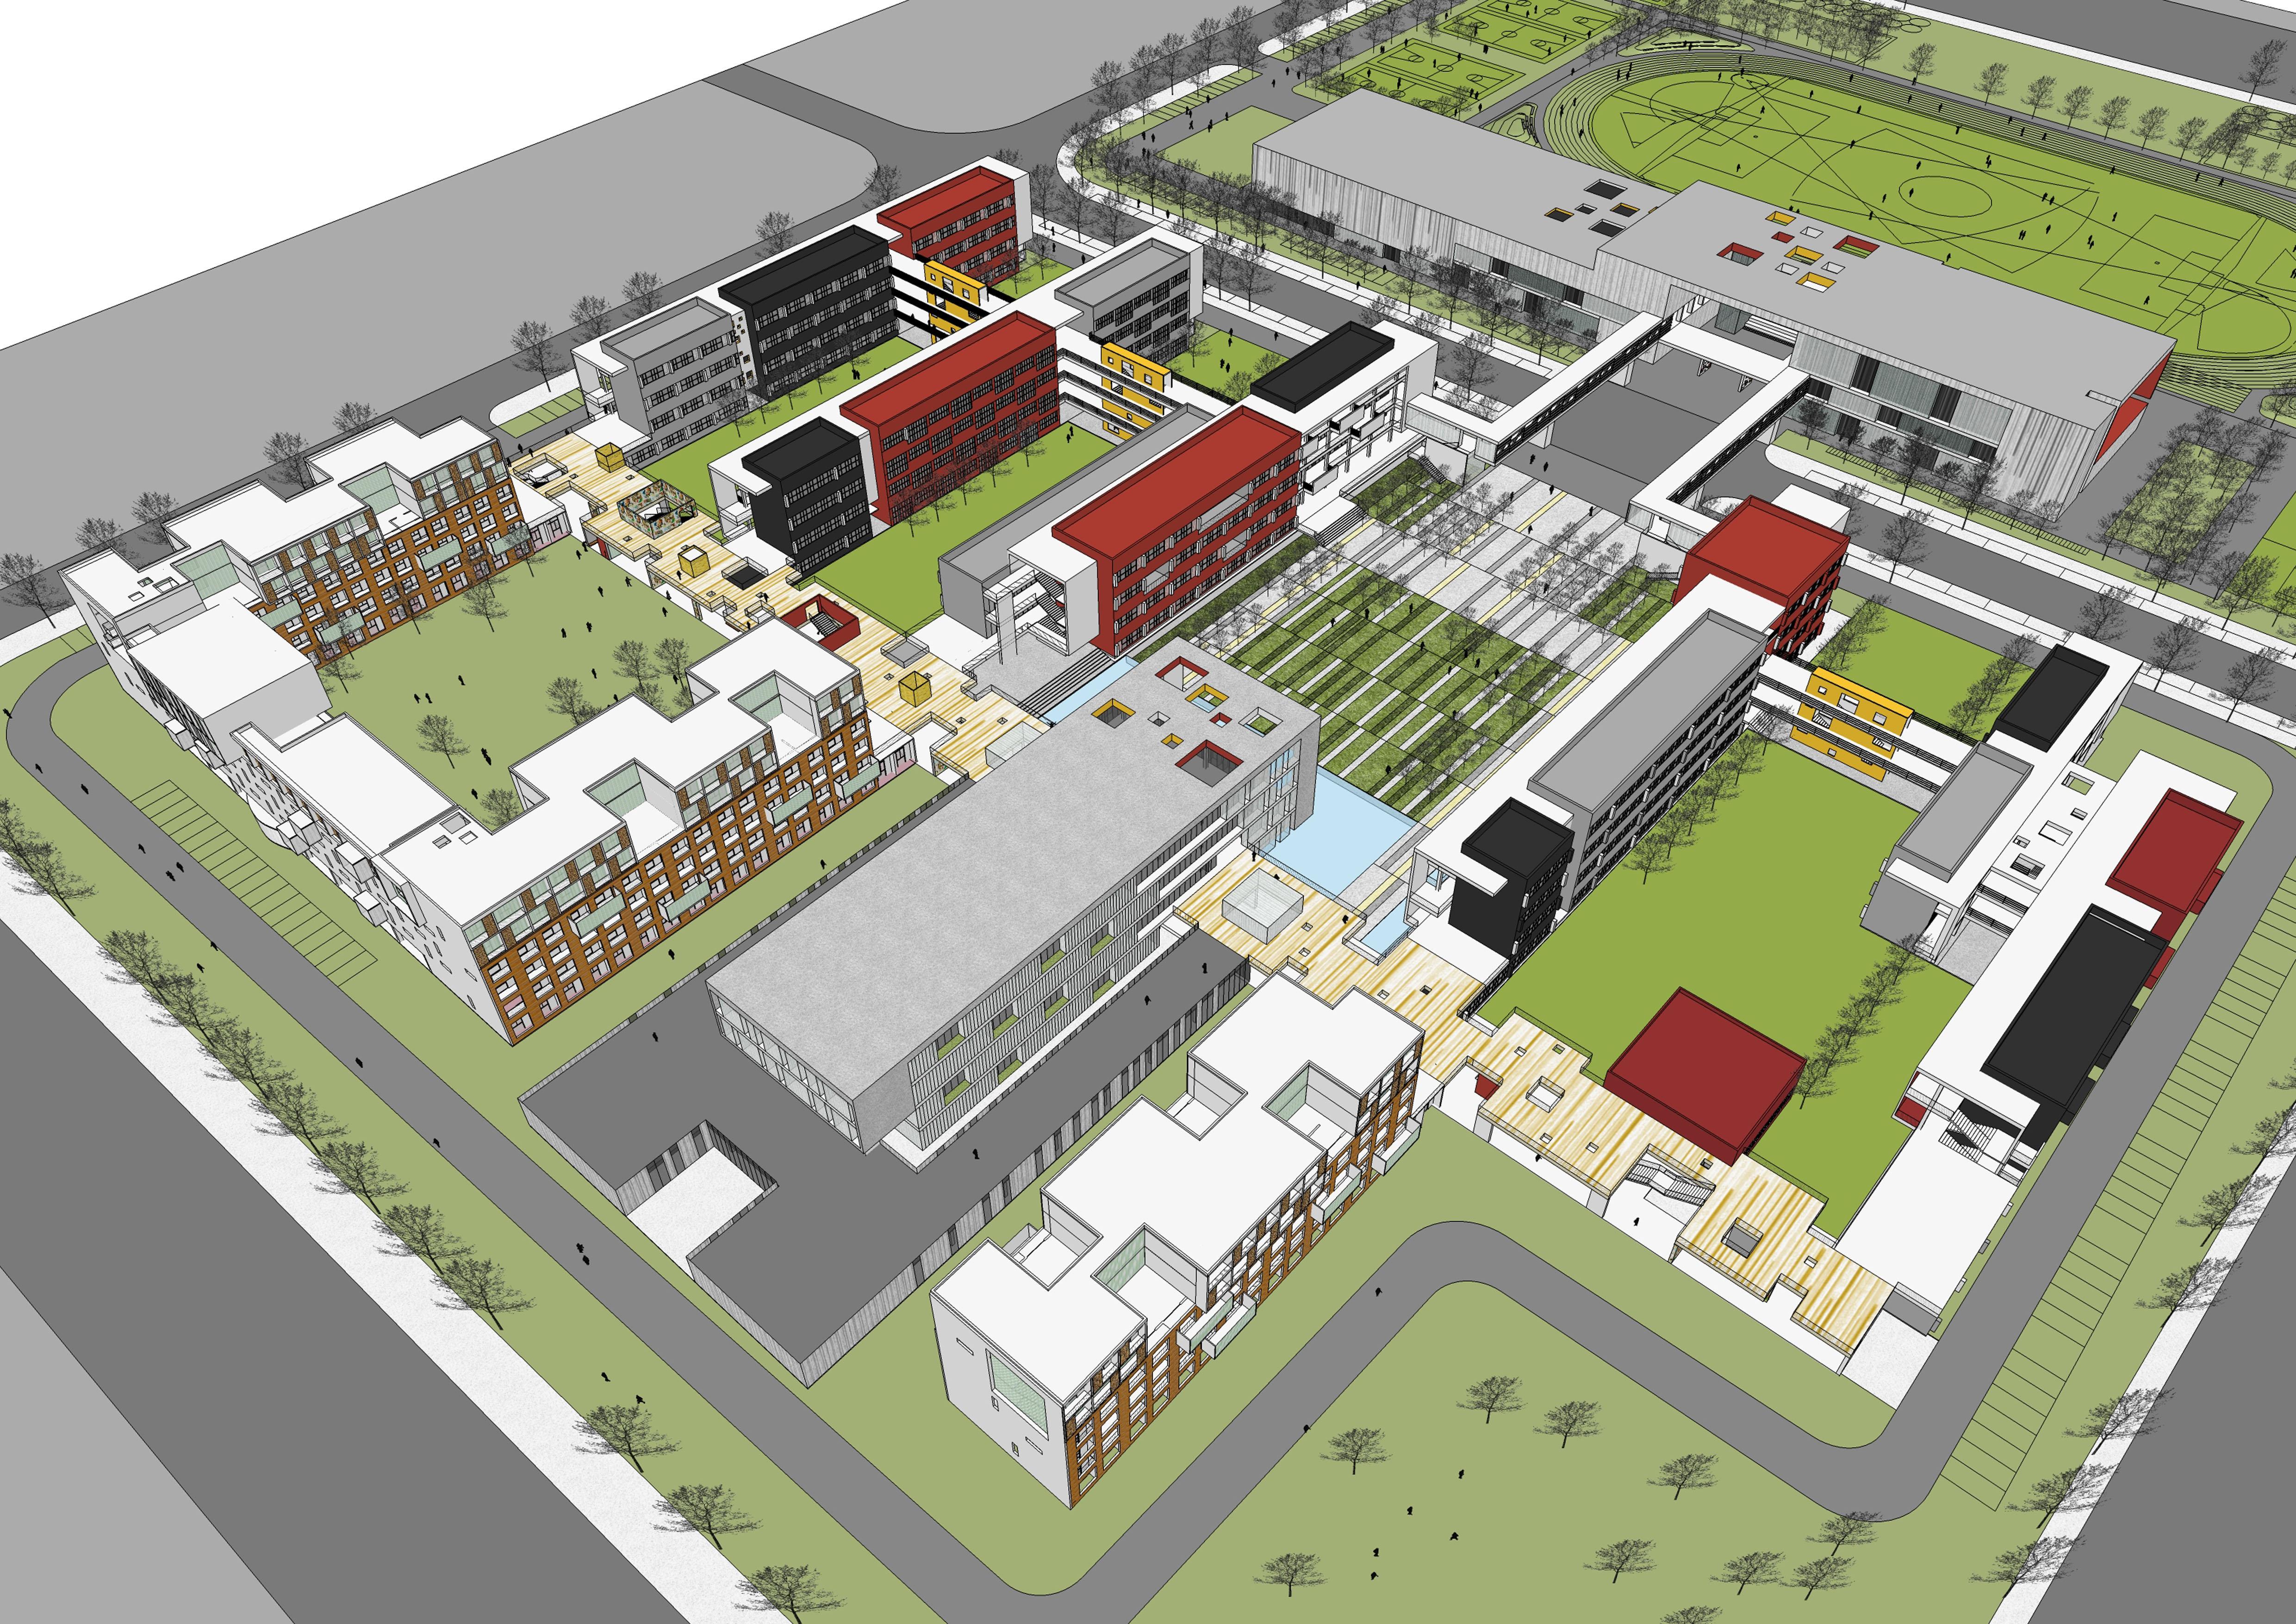 嘉定新城中心区示范性高级中学鸟瞰图